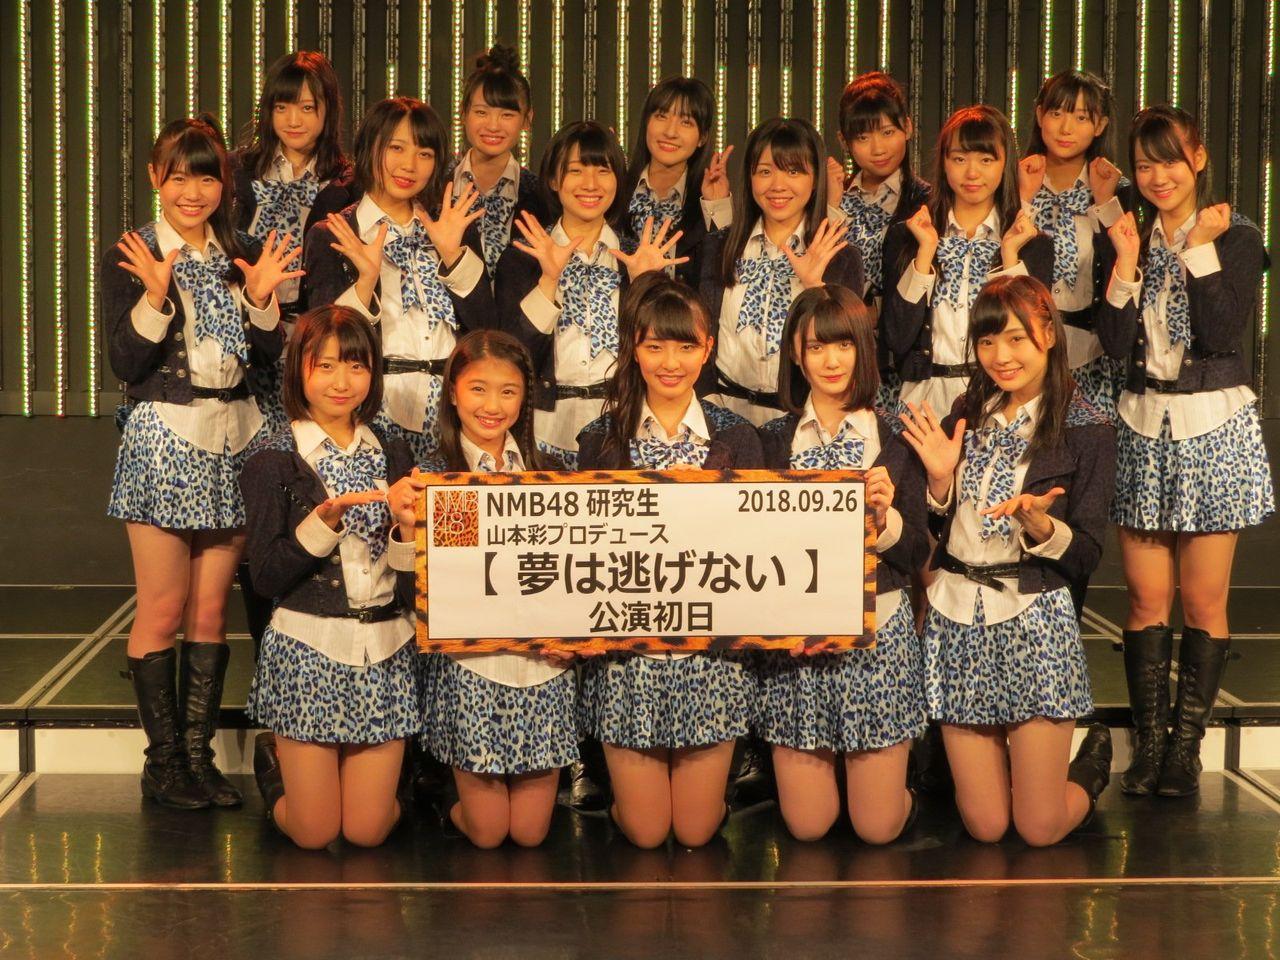 NMB48 山本彩プロデュース研究生公演「夢は逃げない」感想・メンバーの反応など